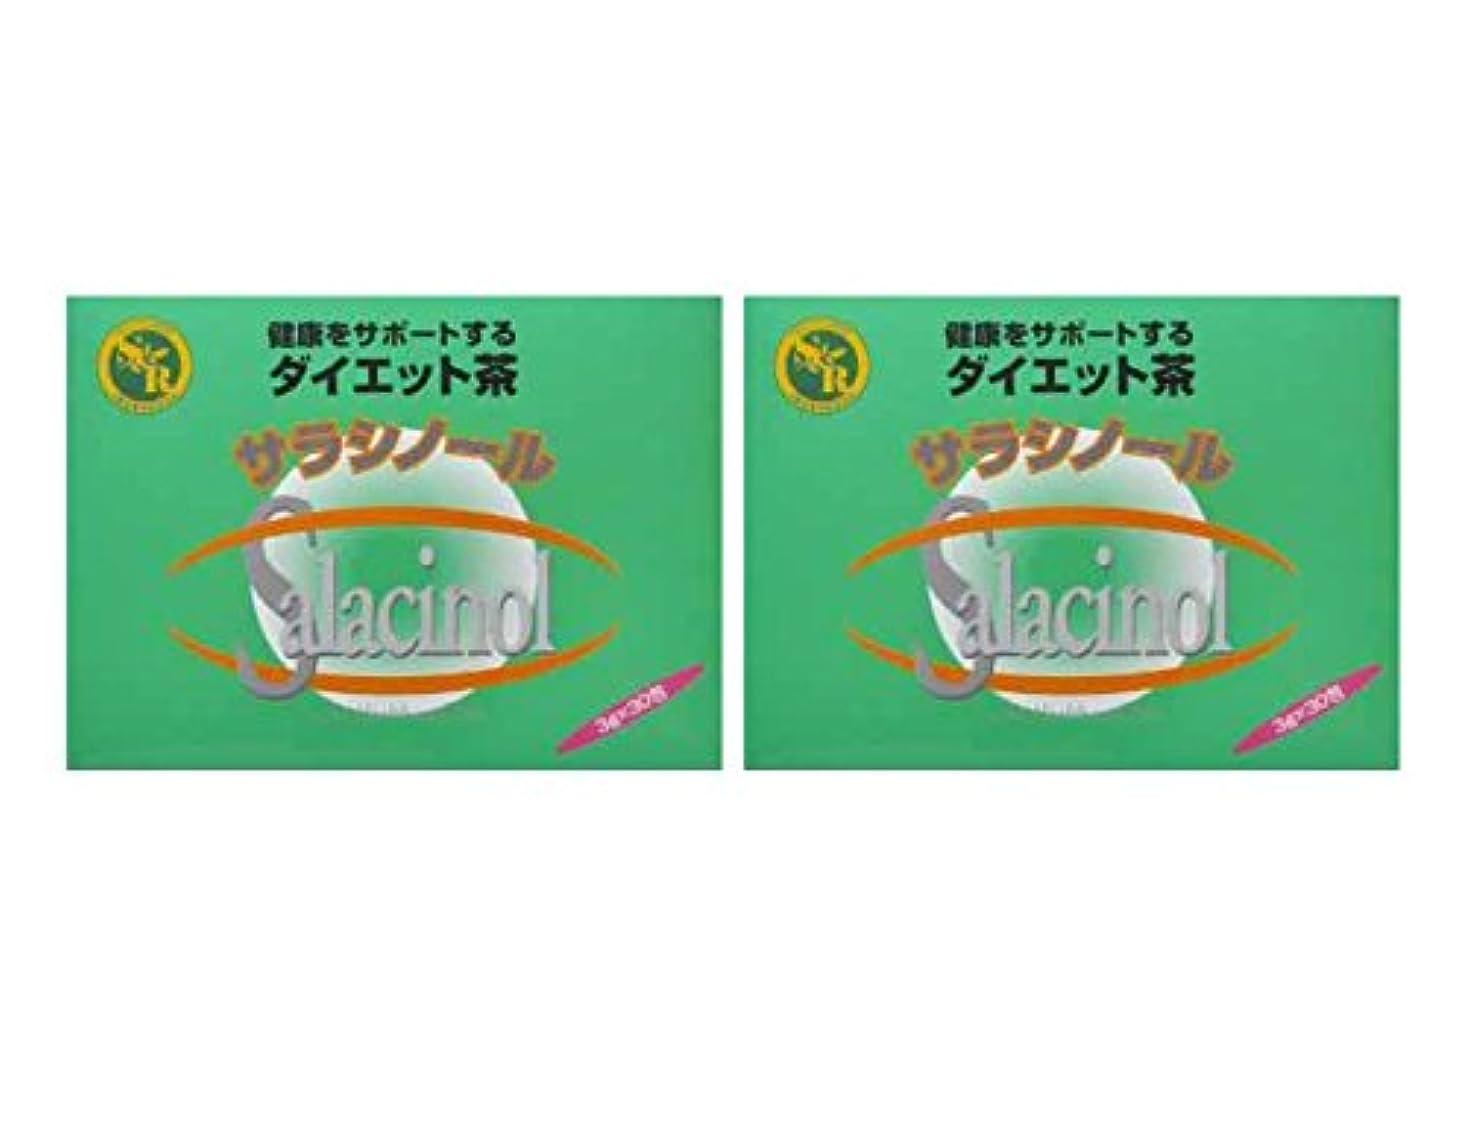 合理化不和毎月ジャパンヘルス サラシノール茶 3g×30包×2箱セット(サラシア茶?ダイエット茶)